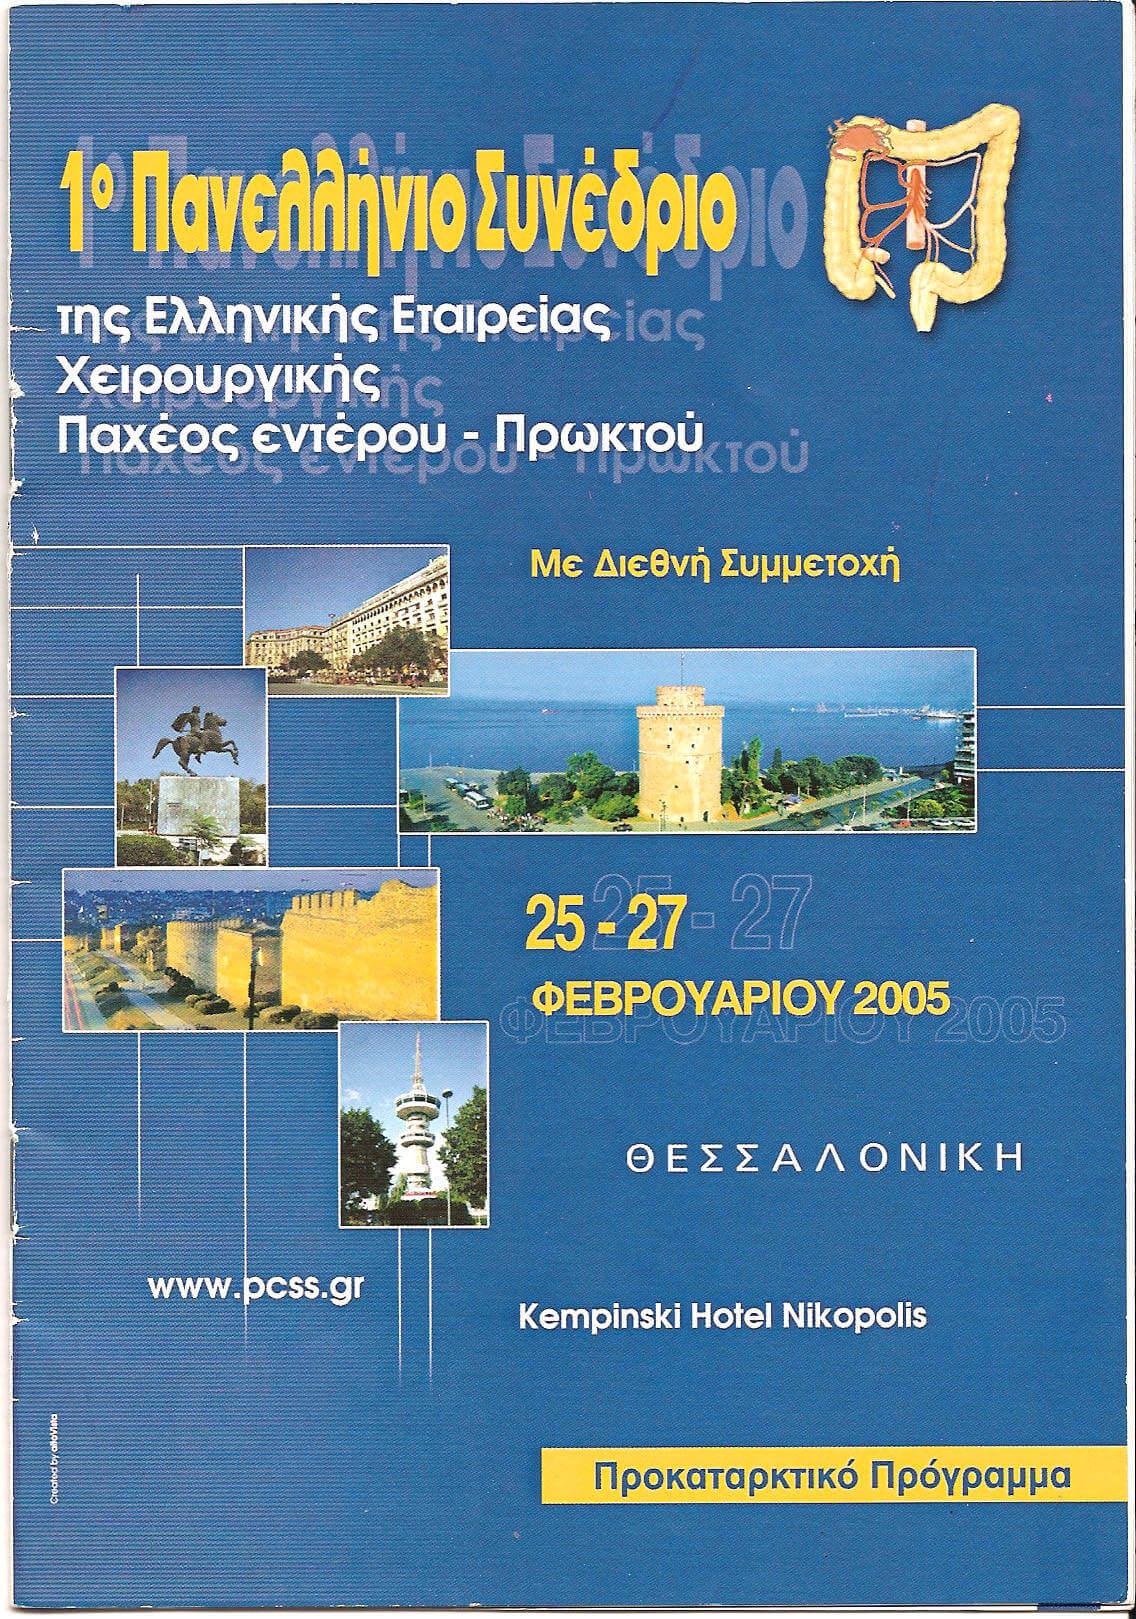 1ο Πανελλήνιο Συνέδριο της Ελληνικής Εταιρείας Χειρουργικής Παχέος εντέρου - Πρωκτού